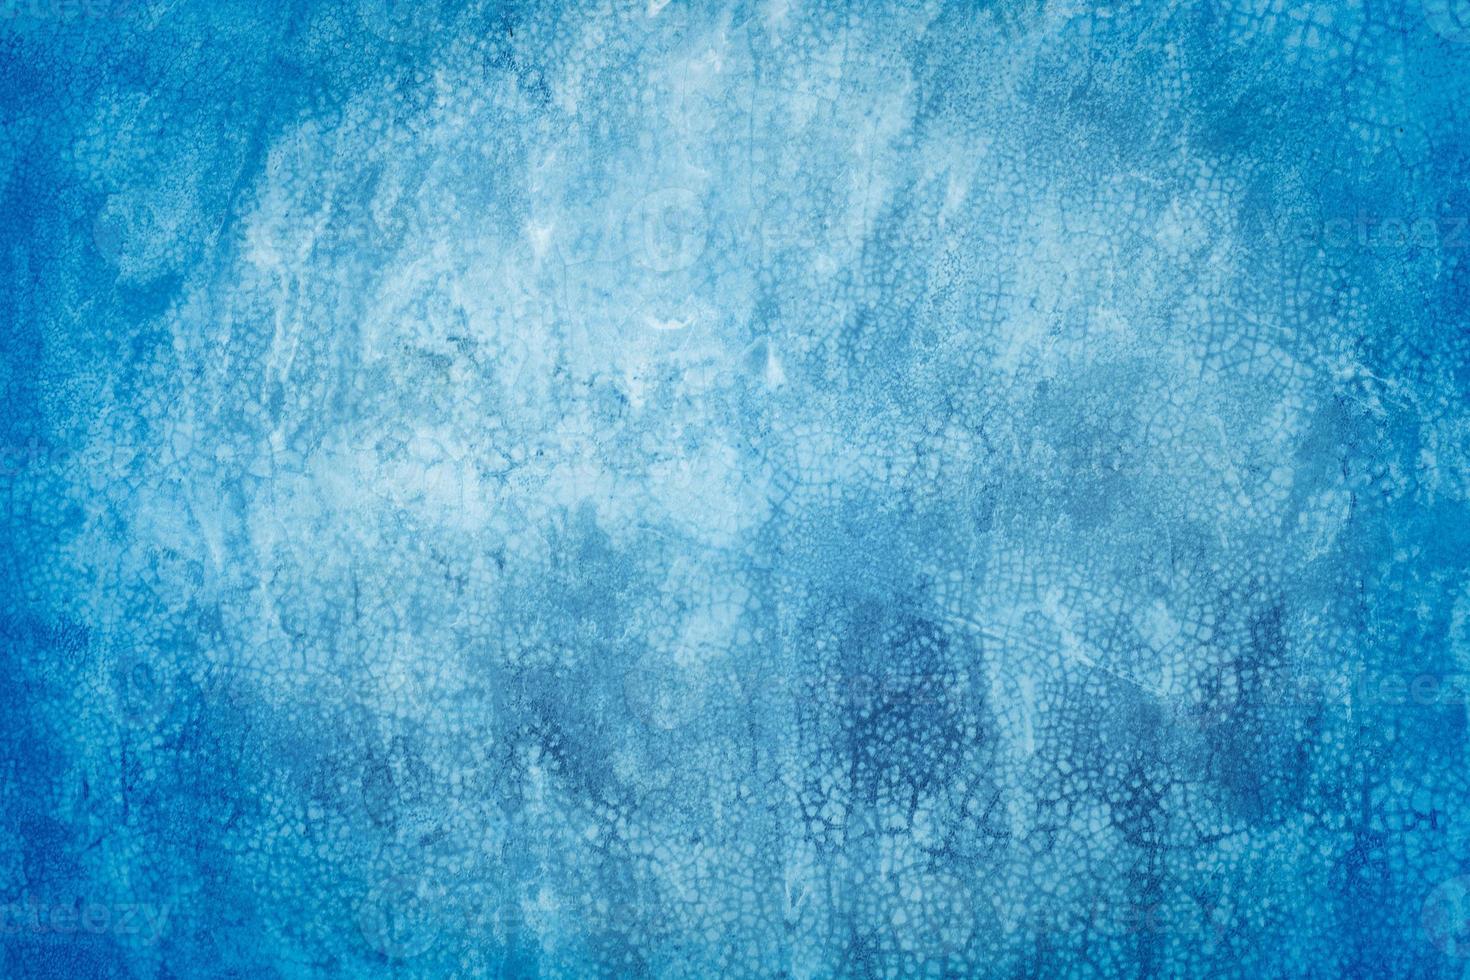 blauw beton of cement muur voor achtergrond of textuur foto